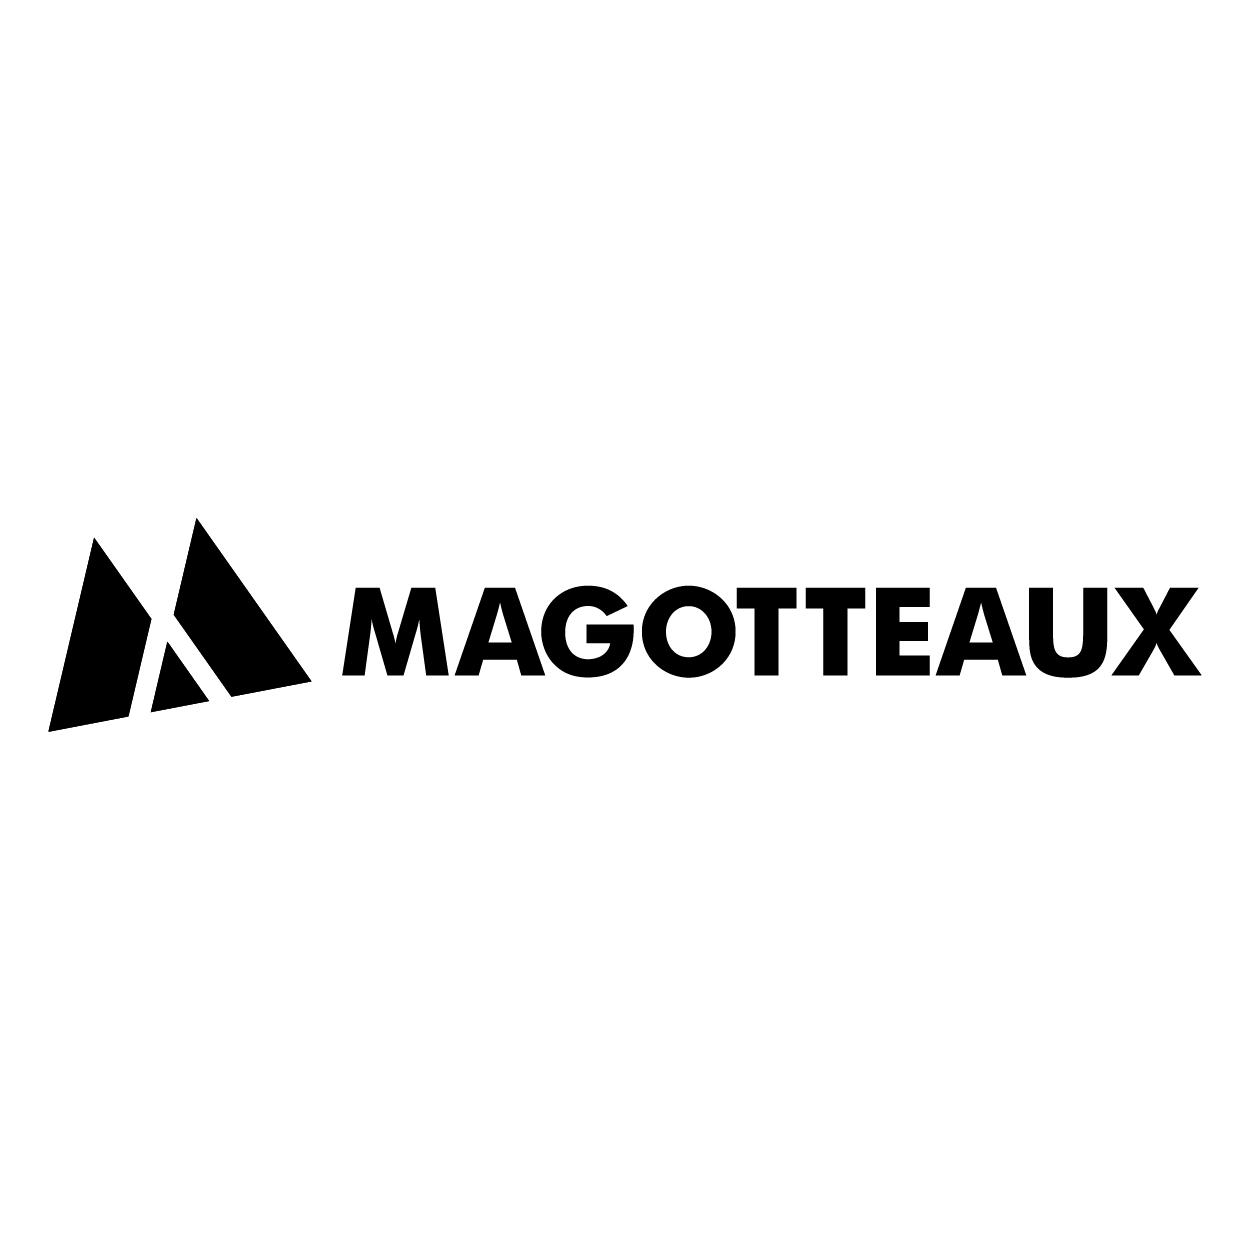 Magotteaux - Logo